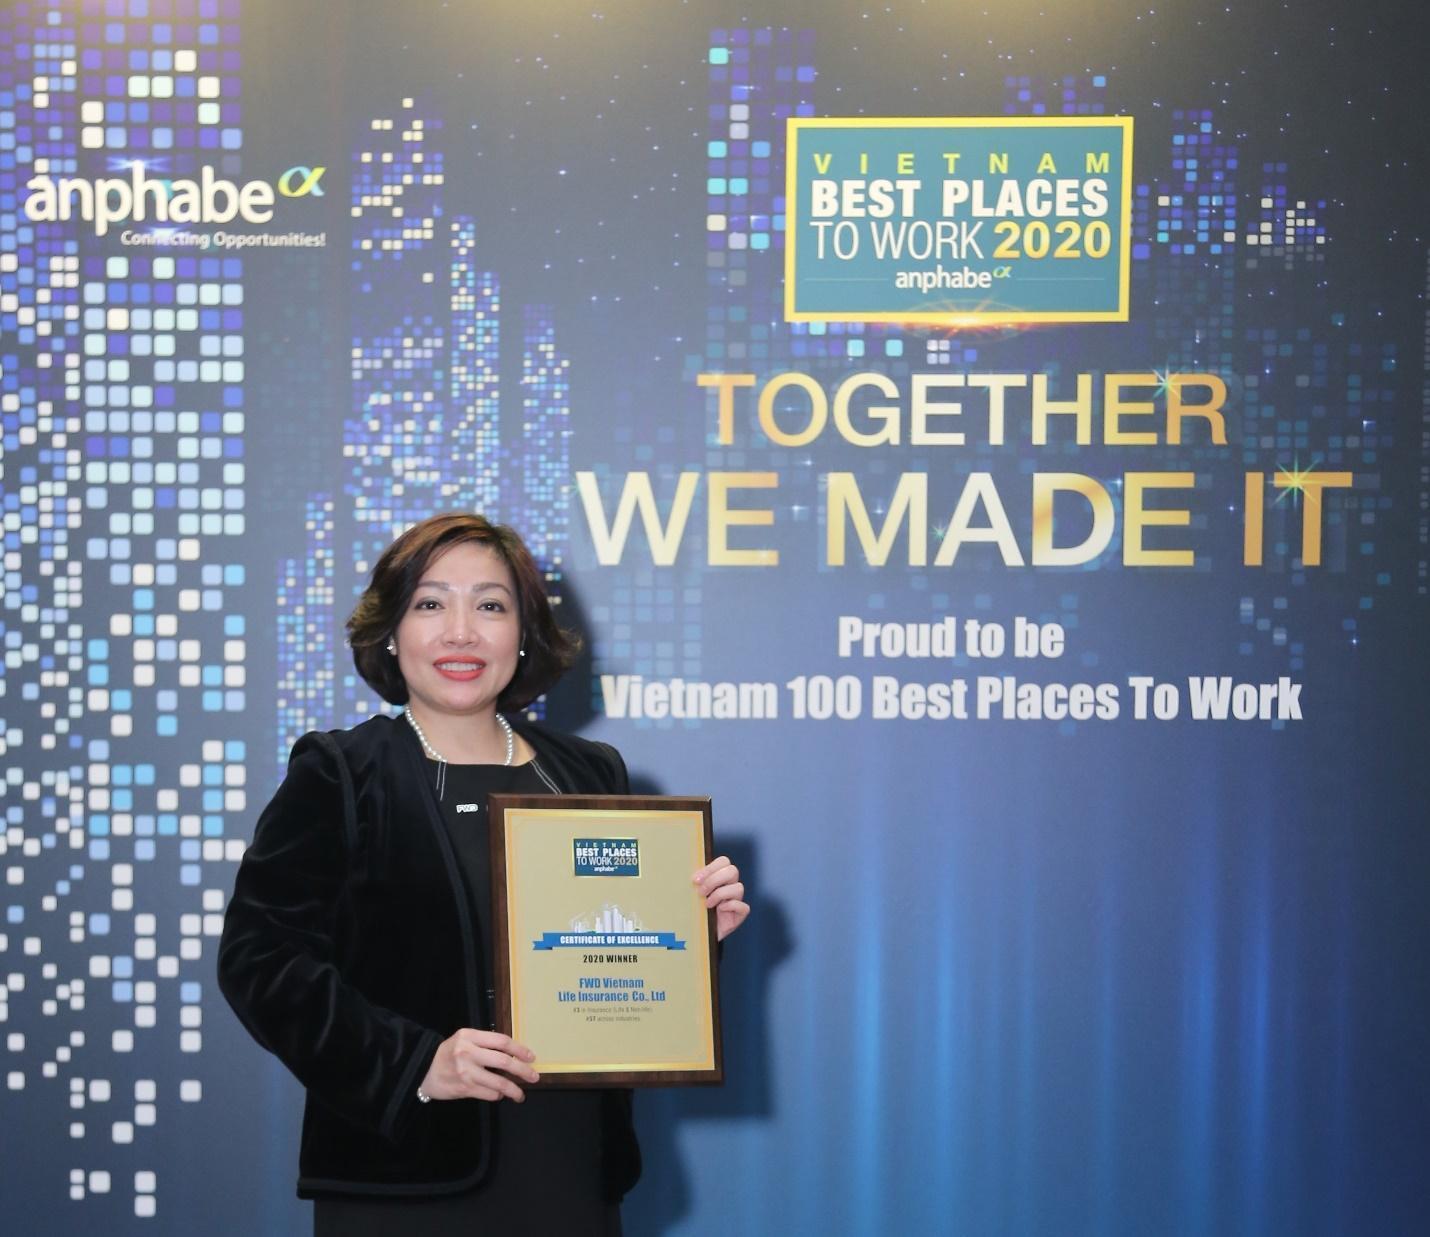 FWD được gọi tên trong Top 3 môi trường làm việc tốt nhất ngành bảo hiểm - Ảnh 1.